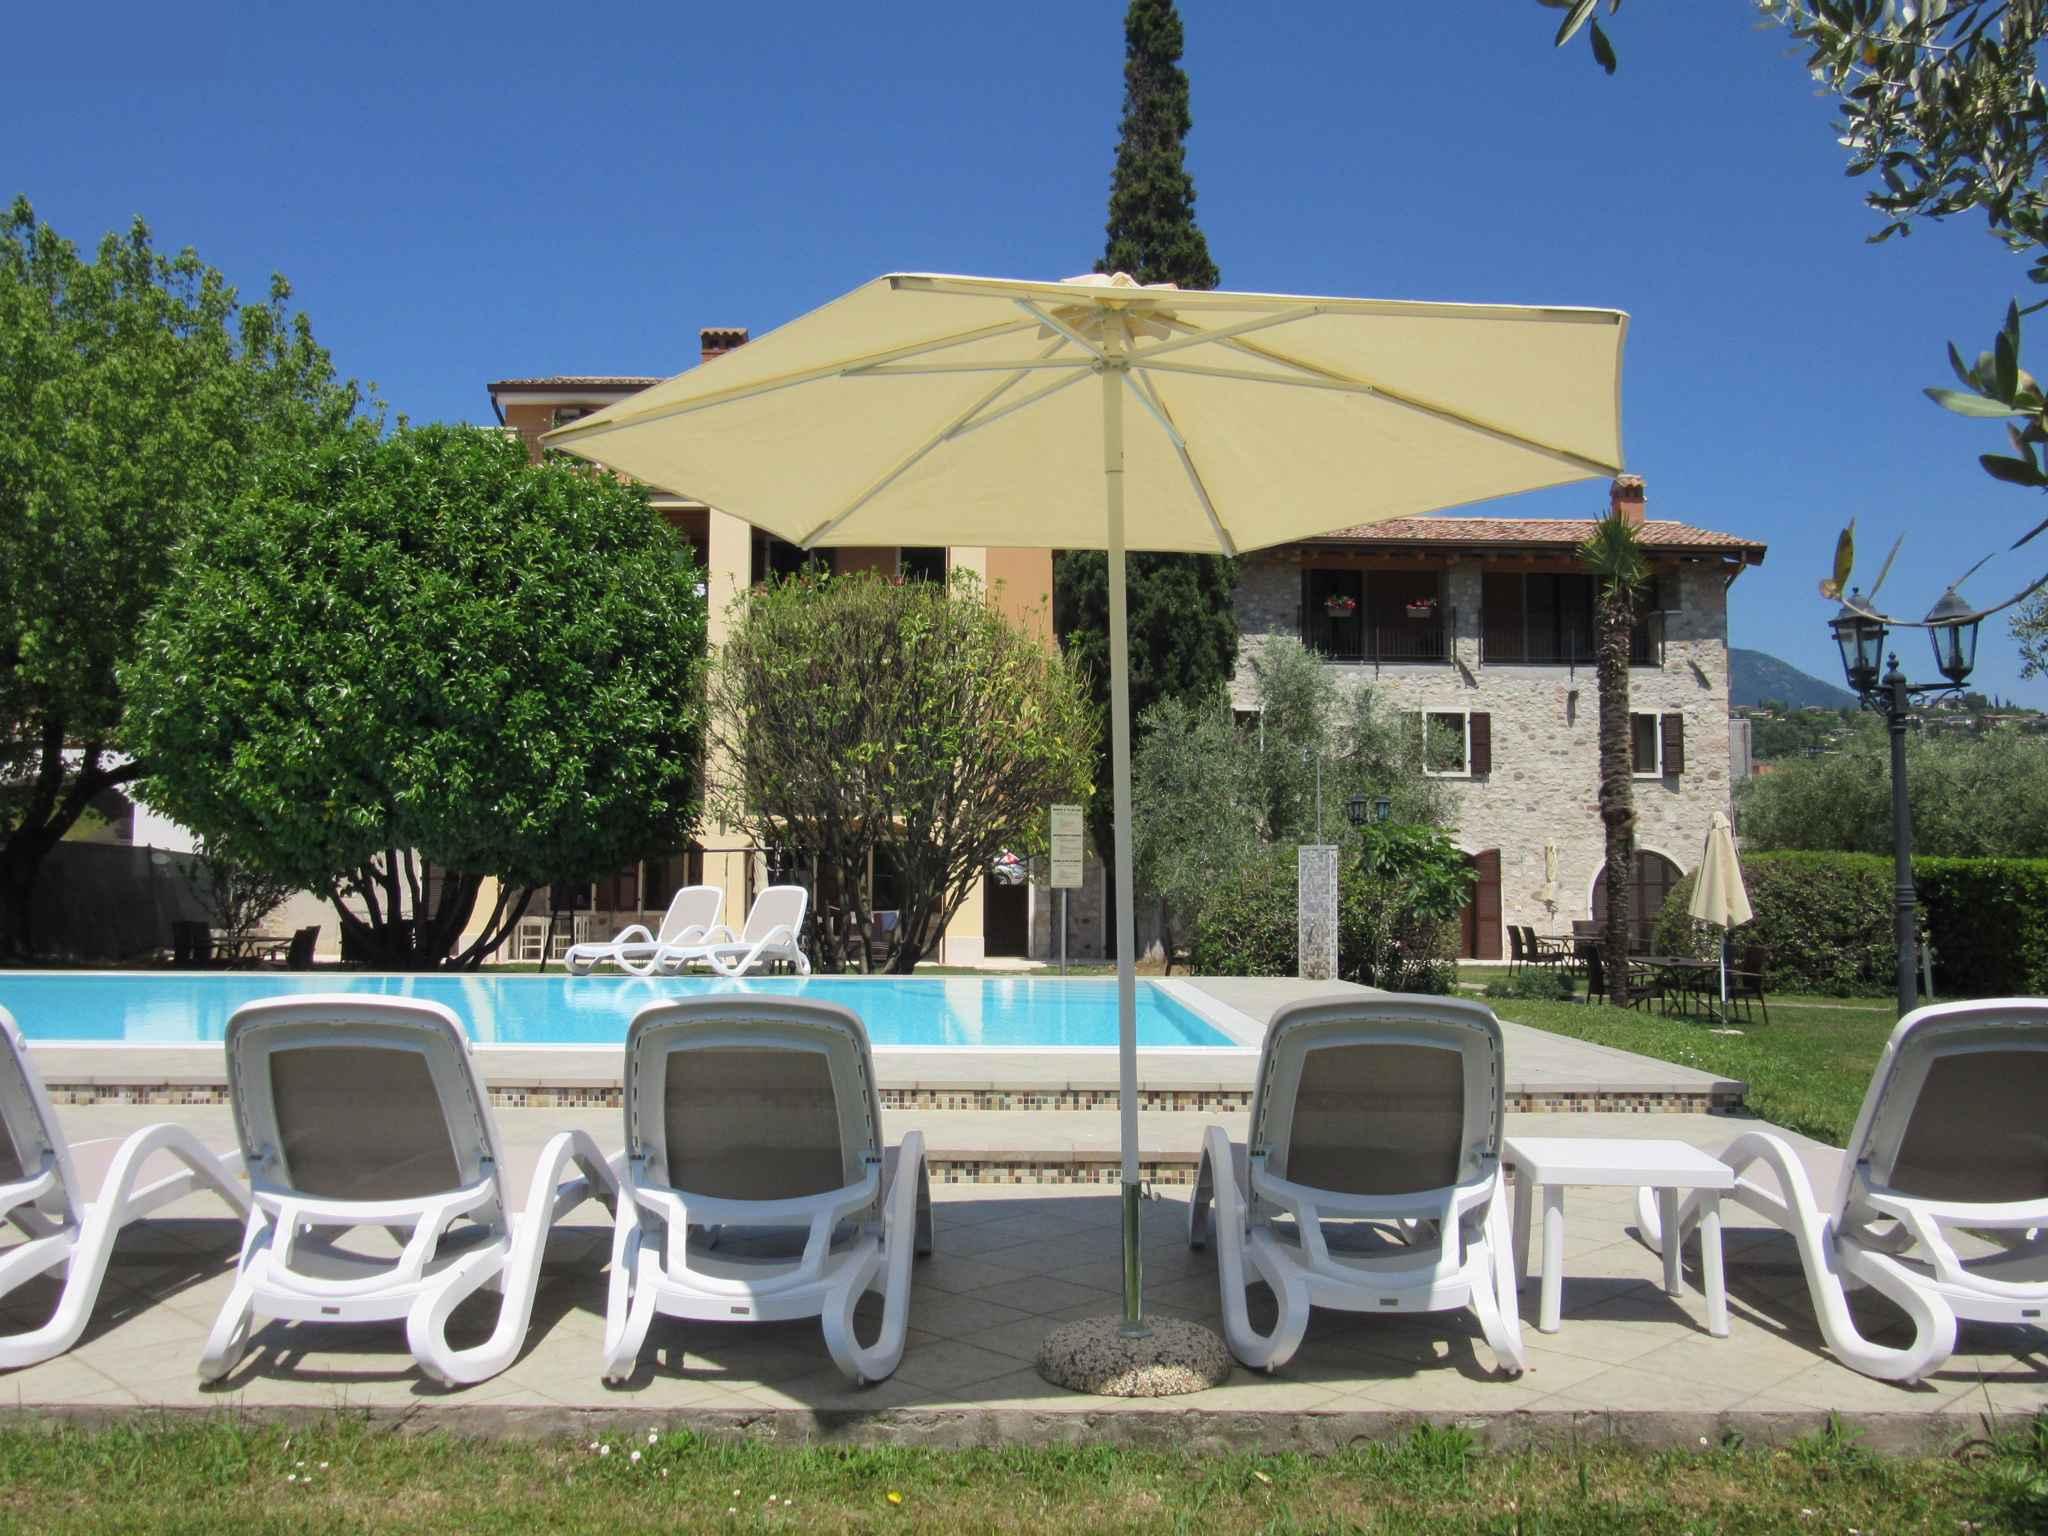 Ferienwohnung mit Balkon (279542), Garda, Gardasee, Venetien, Italien, Bild 8